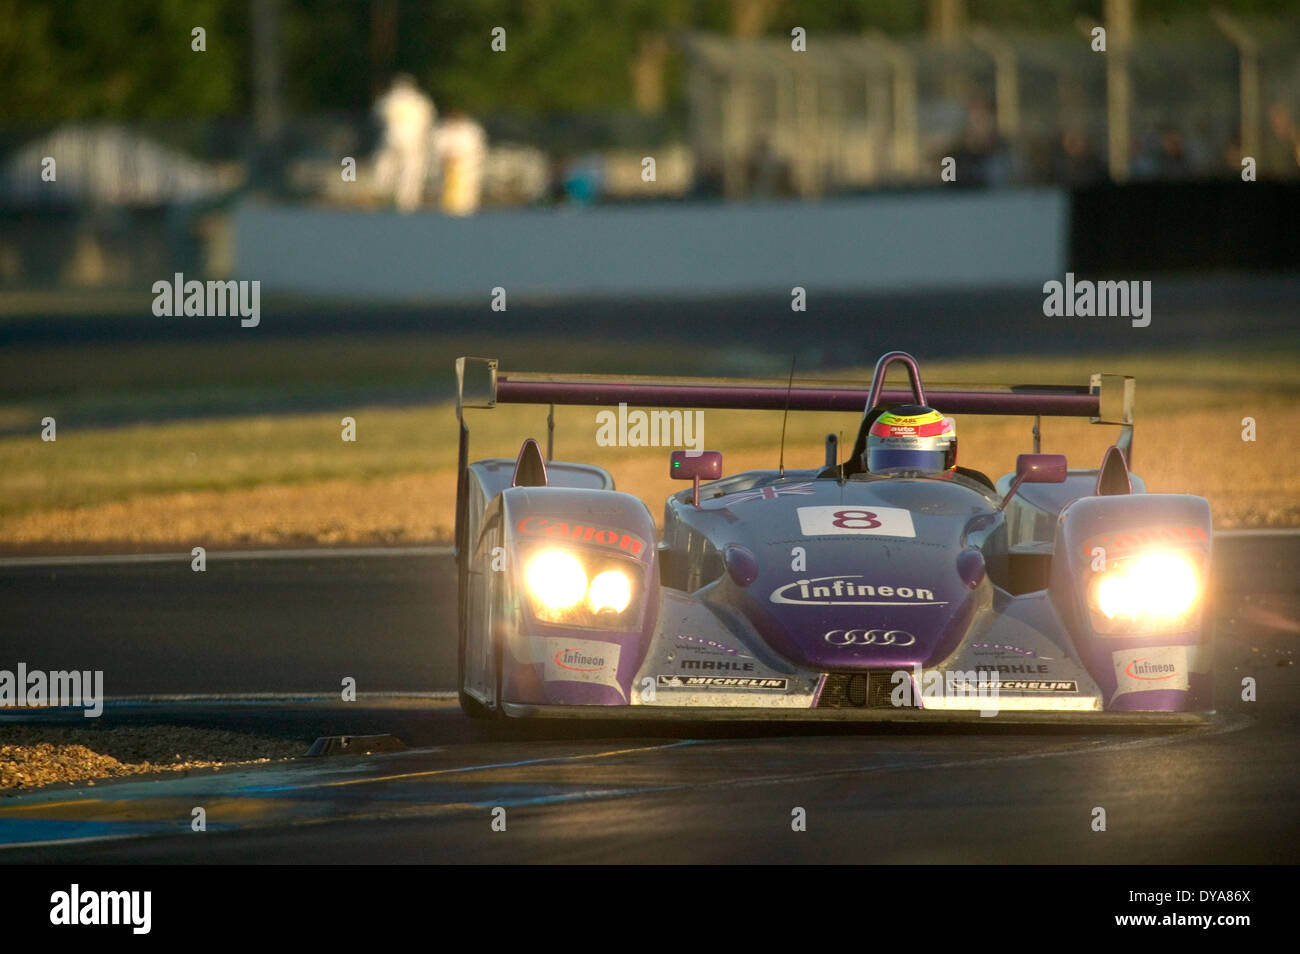 Audi R8 Audi sport UK 2004 le mans 24 hour race. - Stock Image